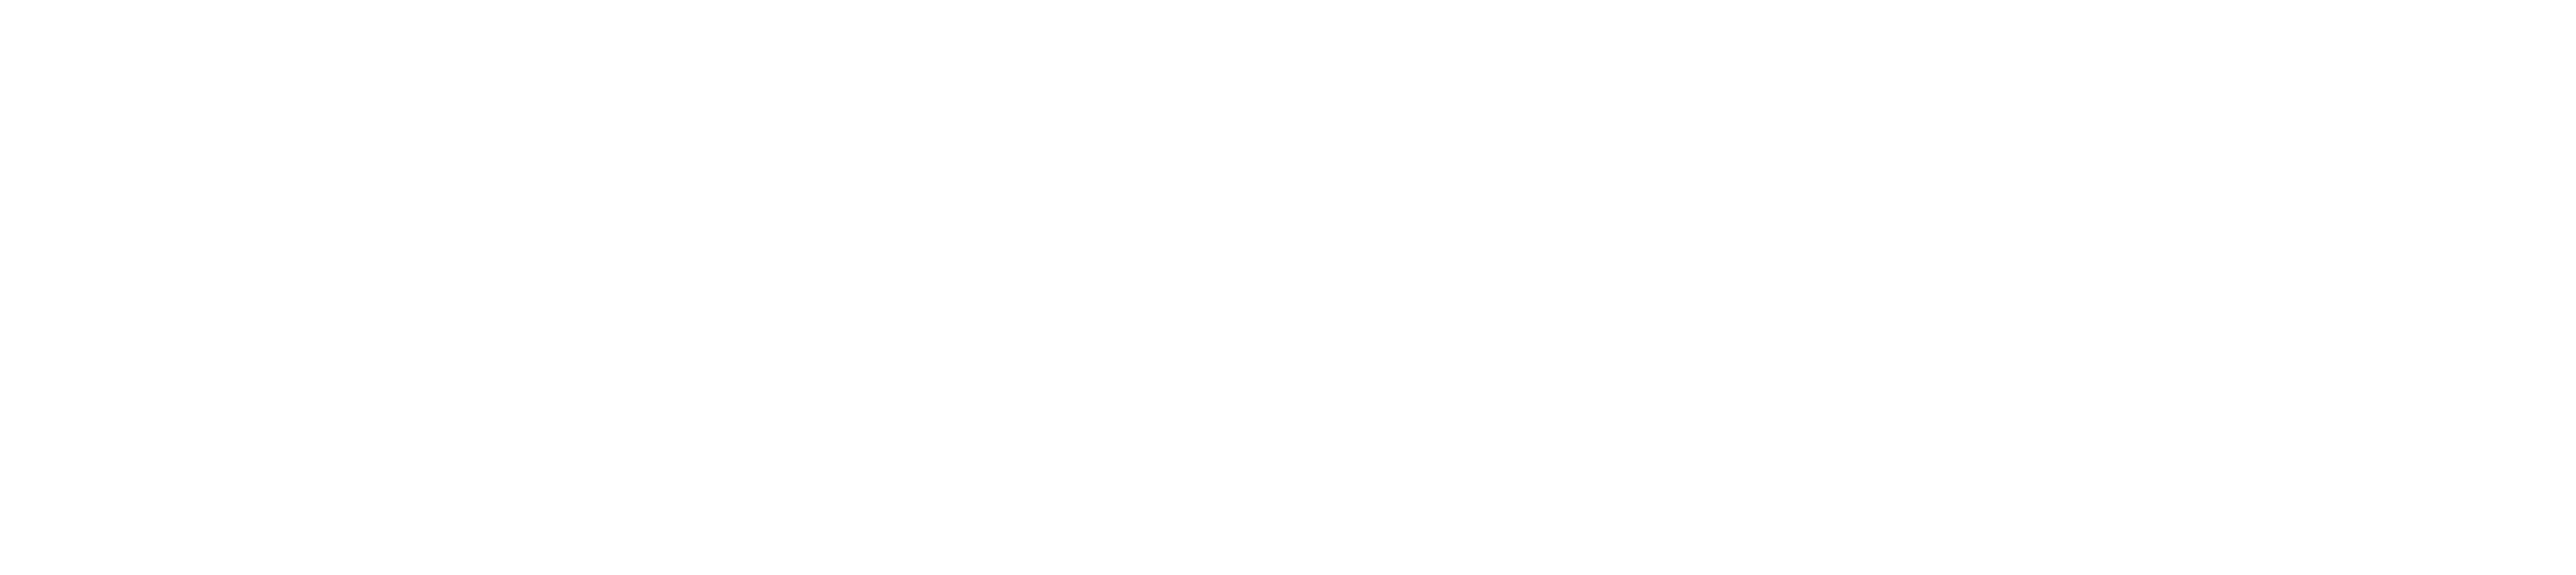 شركة انماء الصناعية - Inmaa Company